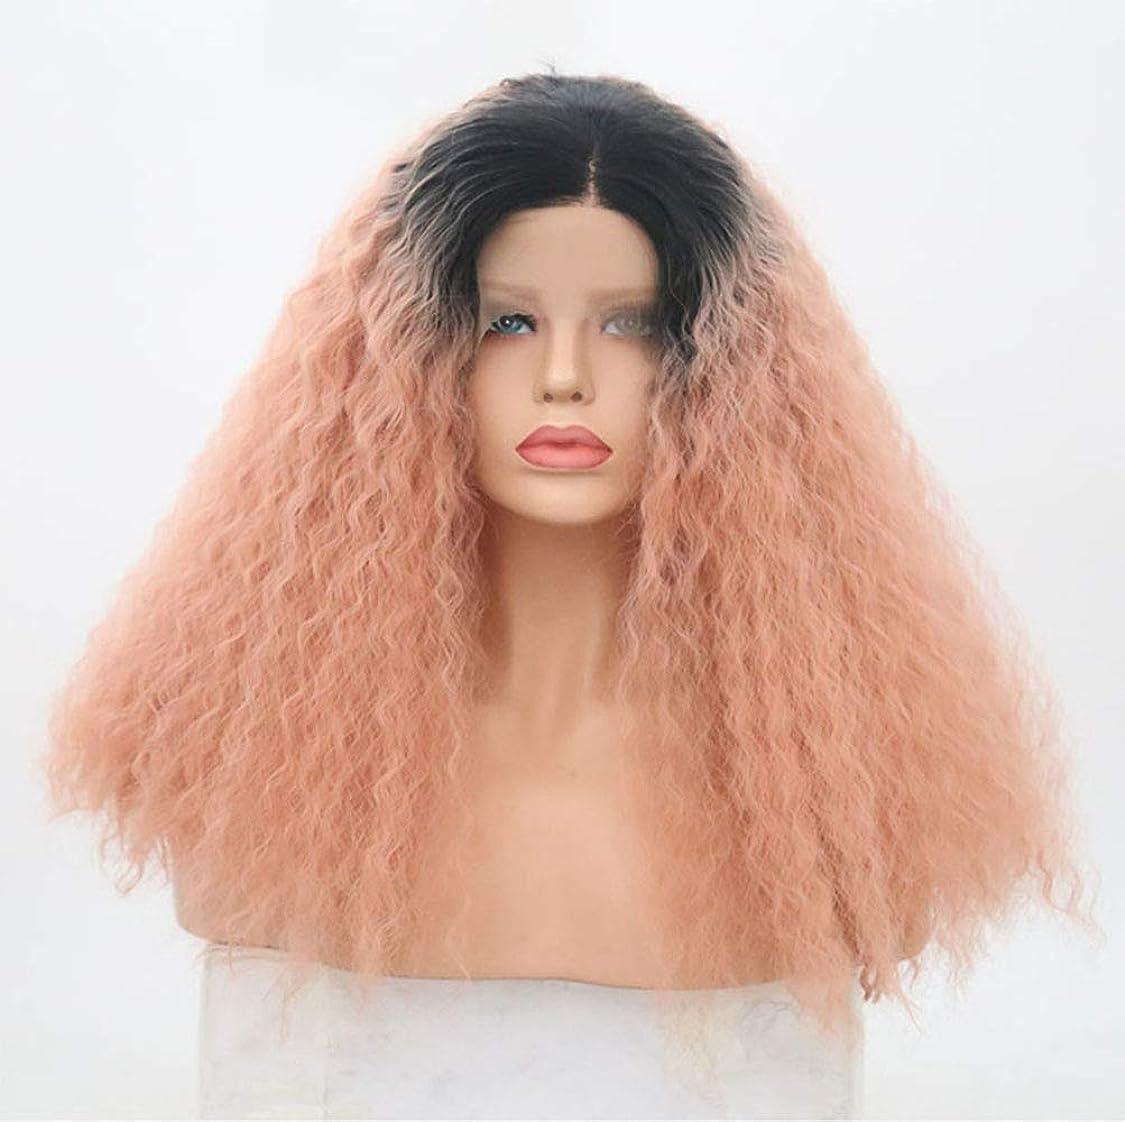 ハイランド絶望的な夜女性合成レースフロントウィッグ天然毛髪180%密度長い巻き毛